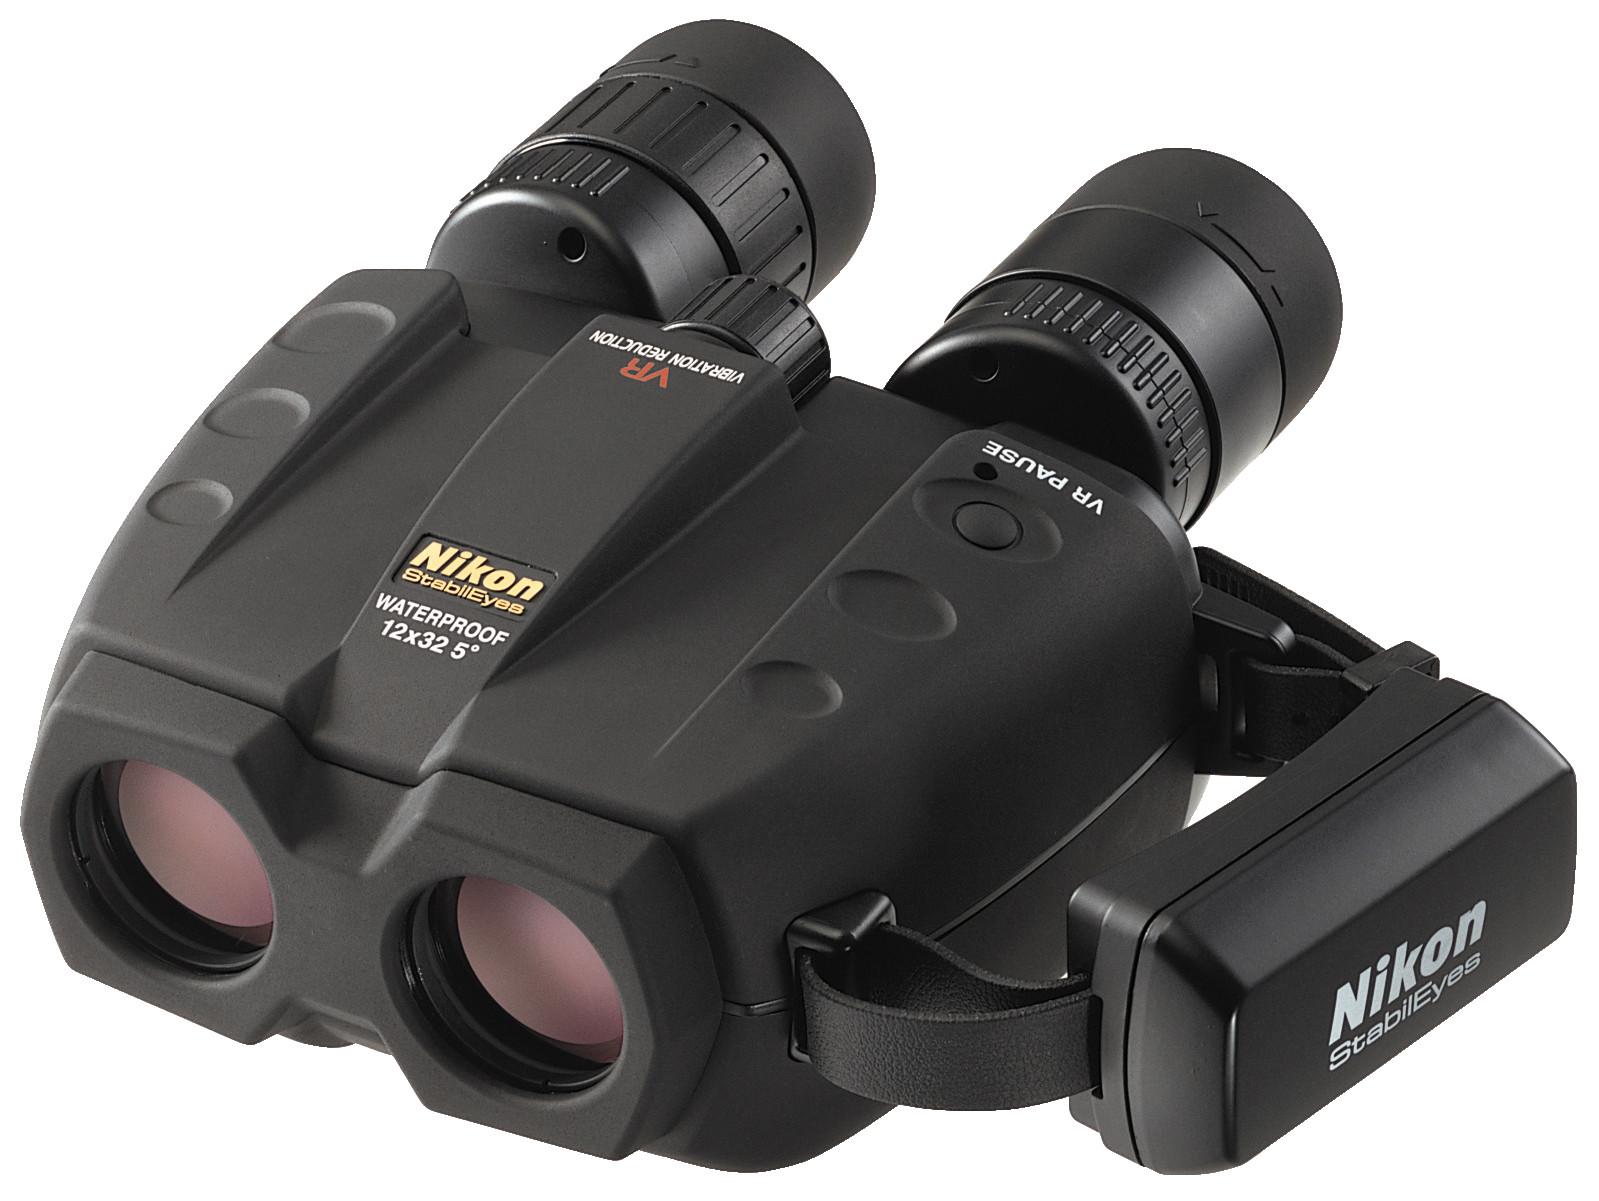 StabilEyes 12X32 避震型望遠鏡 雙筒望遠鏡/單眼鏡-高眼點設計